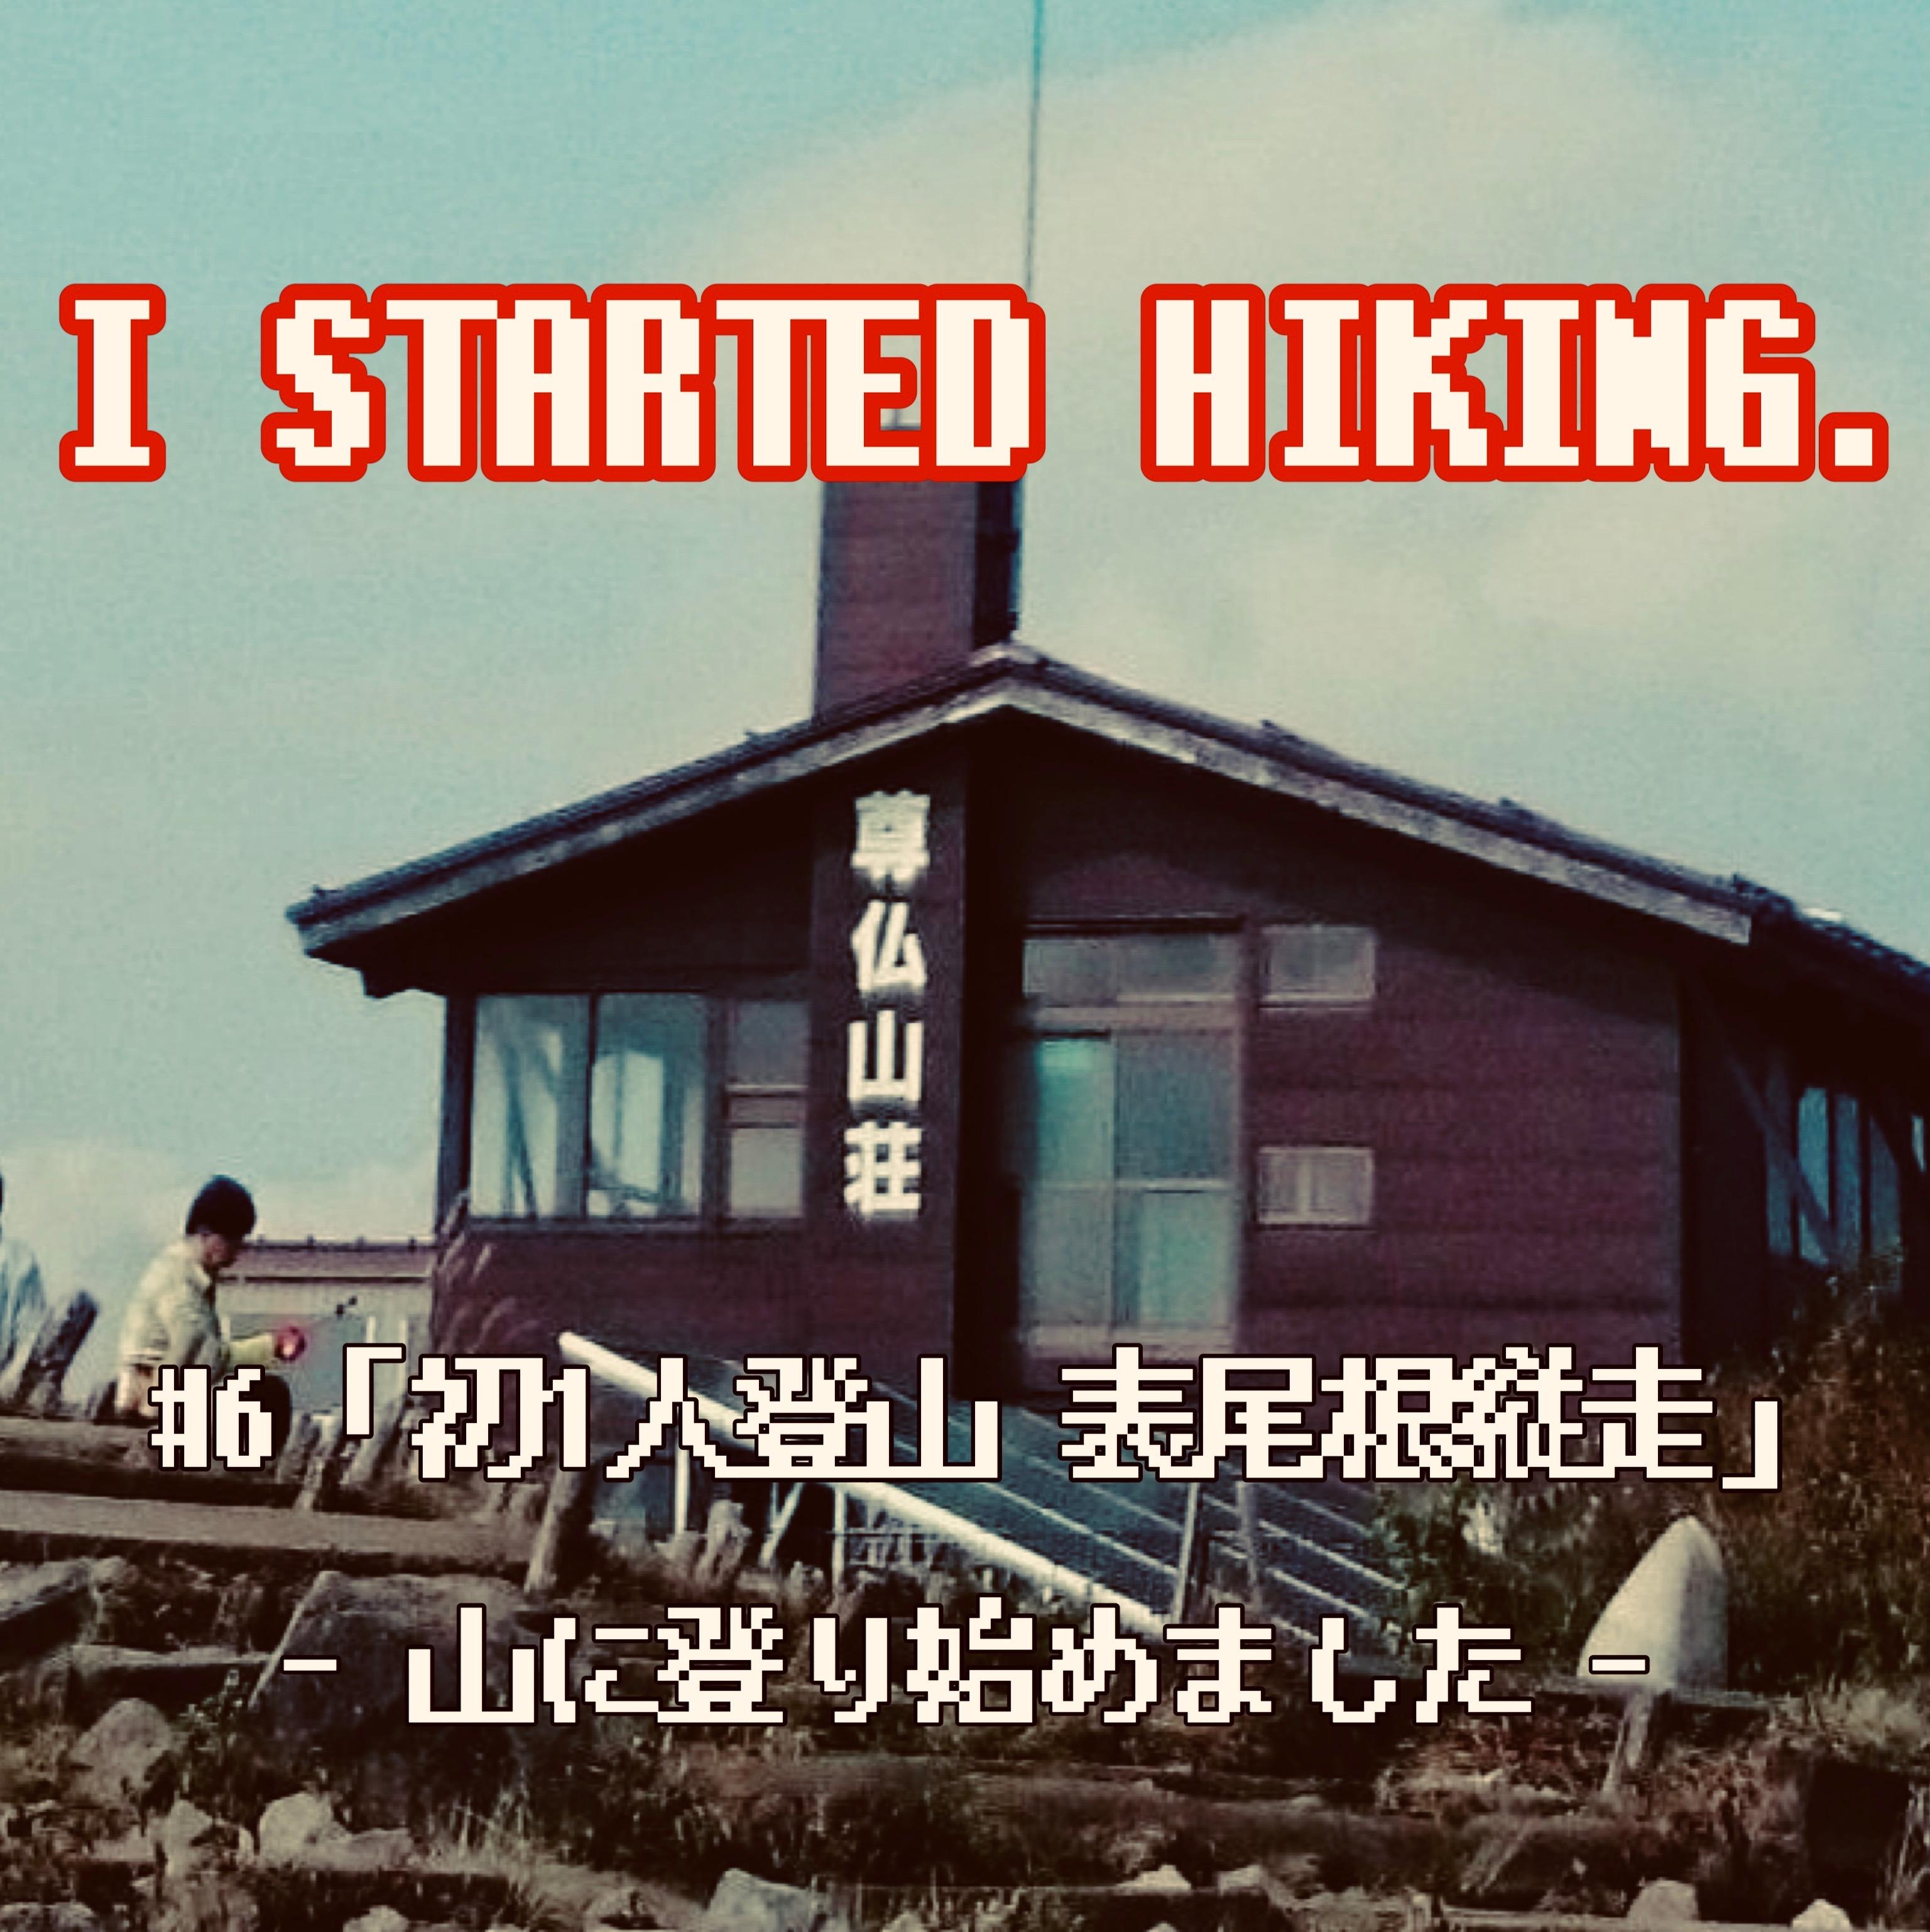 「山に登り始めました。 」#6 初一人登山 表尾根縦走